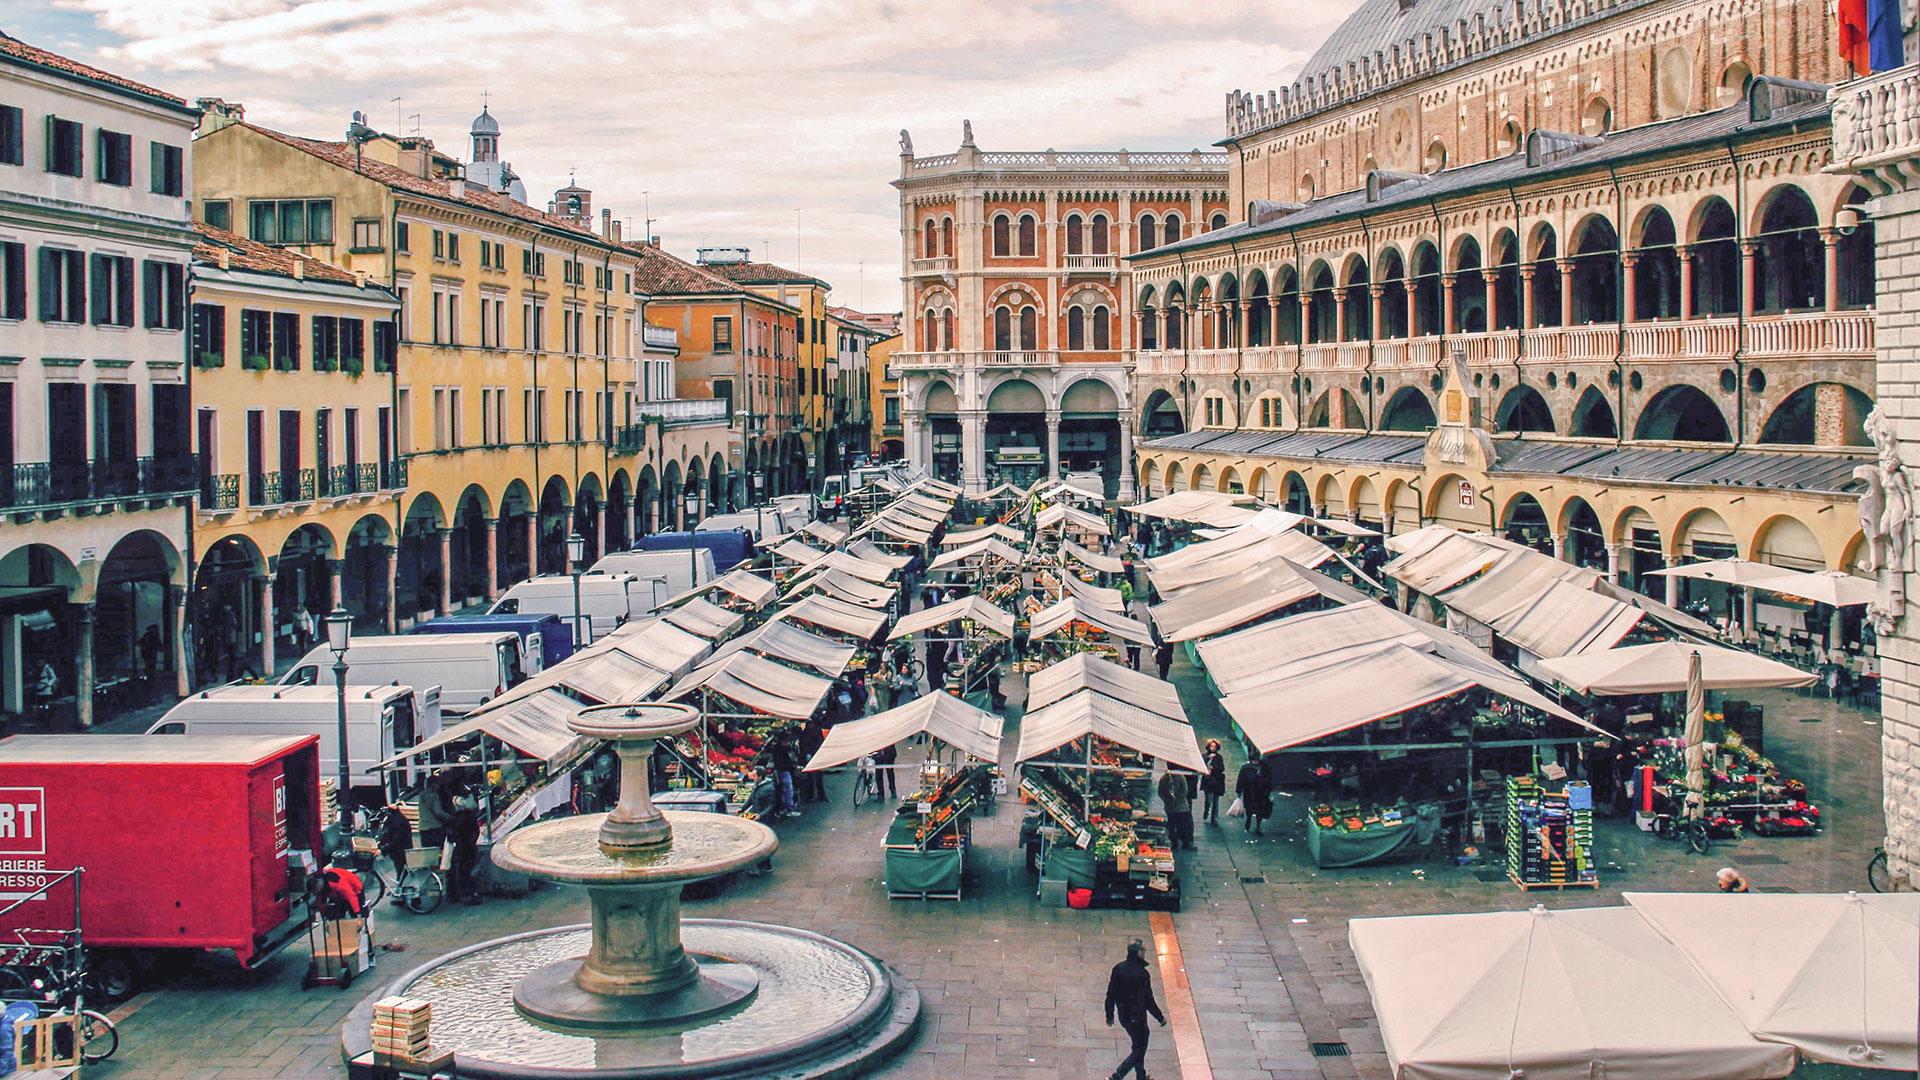 Piazza Delle Erbe Padua